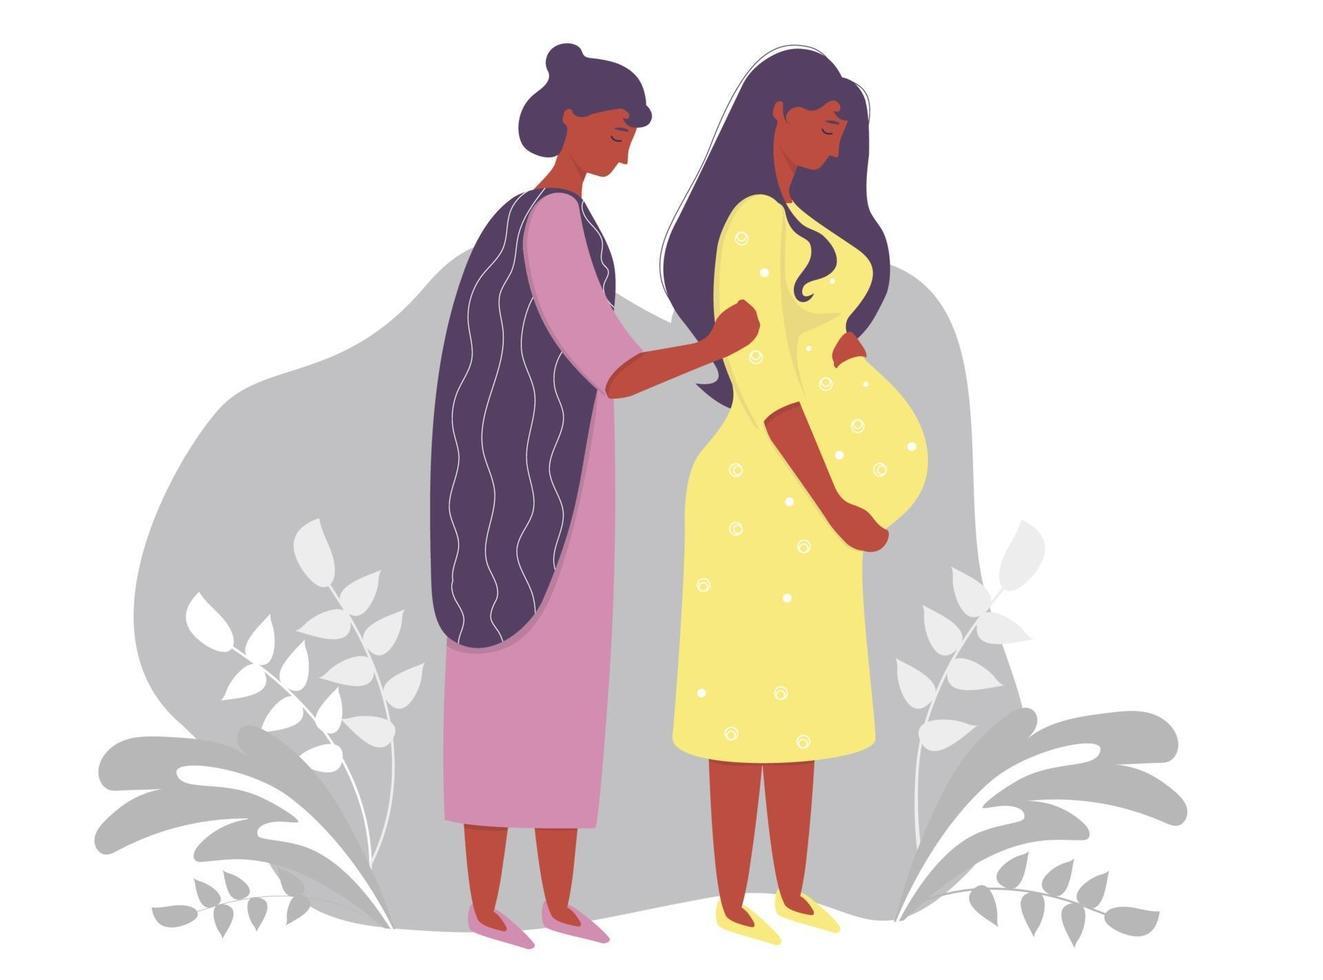 maternidade. feliz mulher grávida de pele escura em um vestido amarelo, abraça ternamente sua barriga e ao lado dela está uma mulher mãe. sobre um fundo cinza decorativo com ramos e plantas. ilustração vetorial vetor